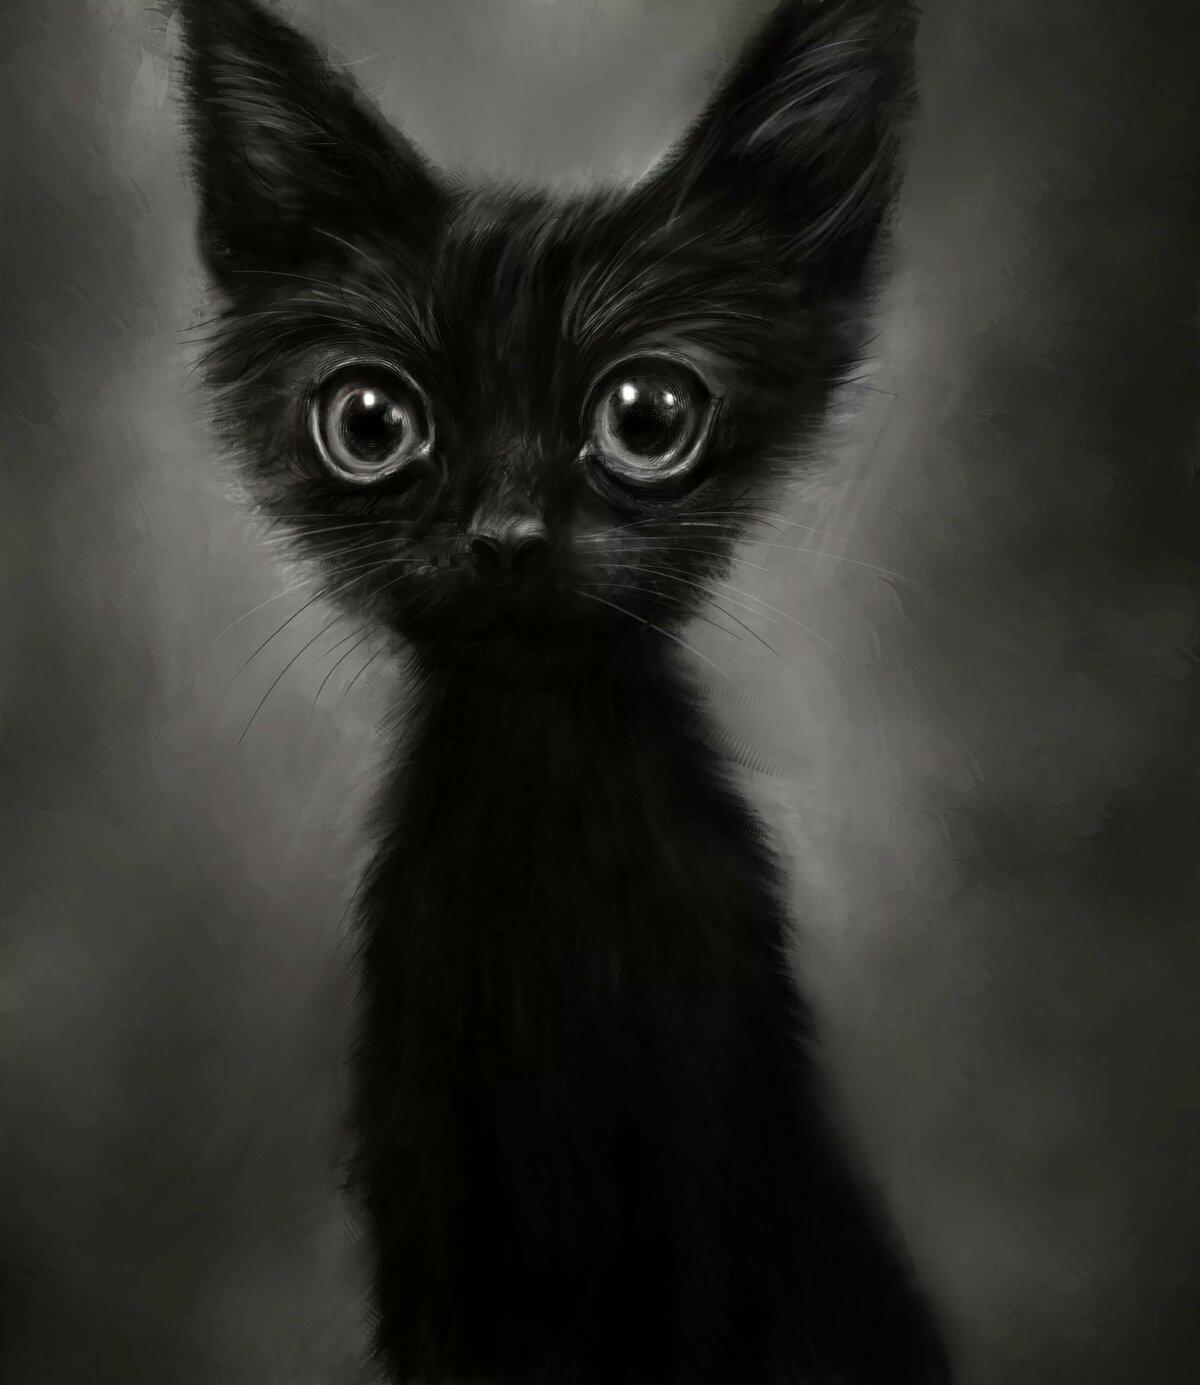 Открытку поздравлением, черный кот картинки прикольные смешные